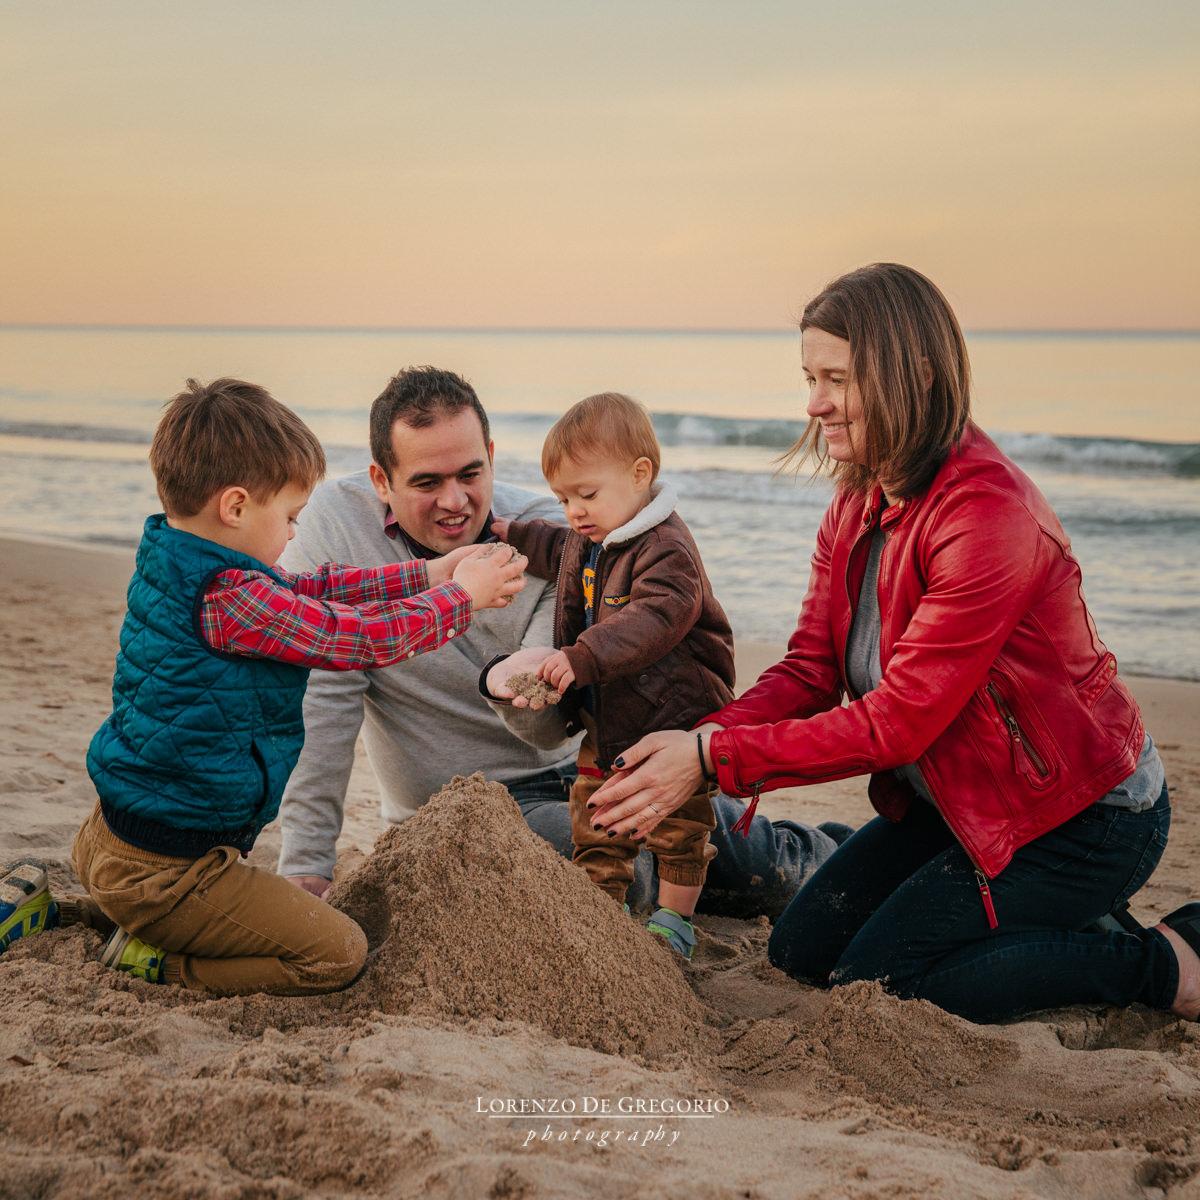 Gillson Park Wilmette family photography